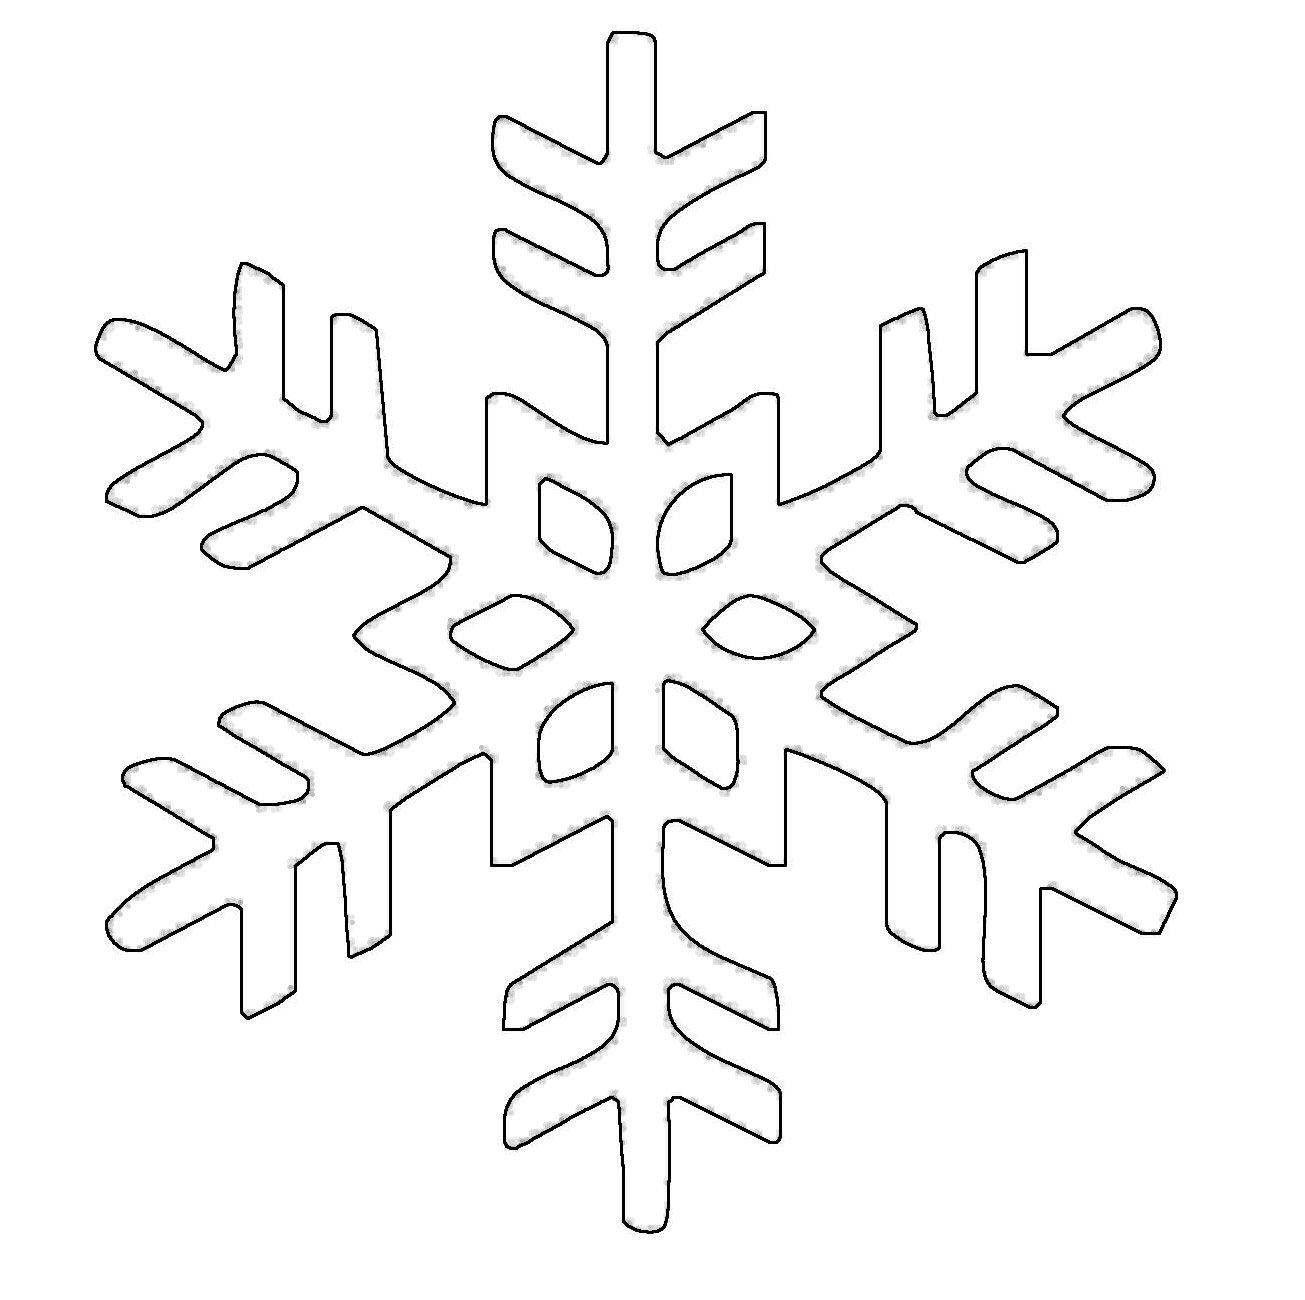 Die Besten Ideen Fur Malvorlagen Schneeflocken Beste Wohnkultur Bastelideen Coloring Und Frisur Inspiration Schneeflocken Basteln Vorlage Schneeflocken Basteln Schneeflocke Vorlage